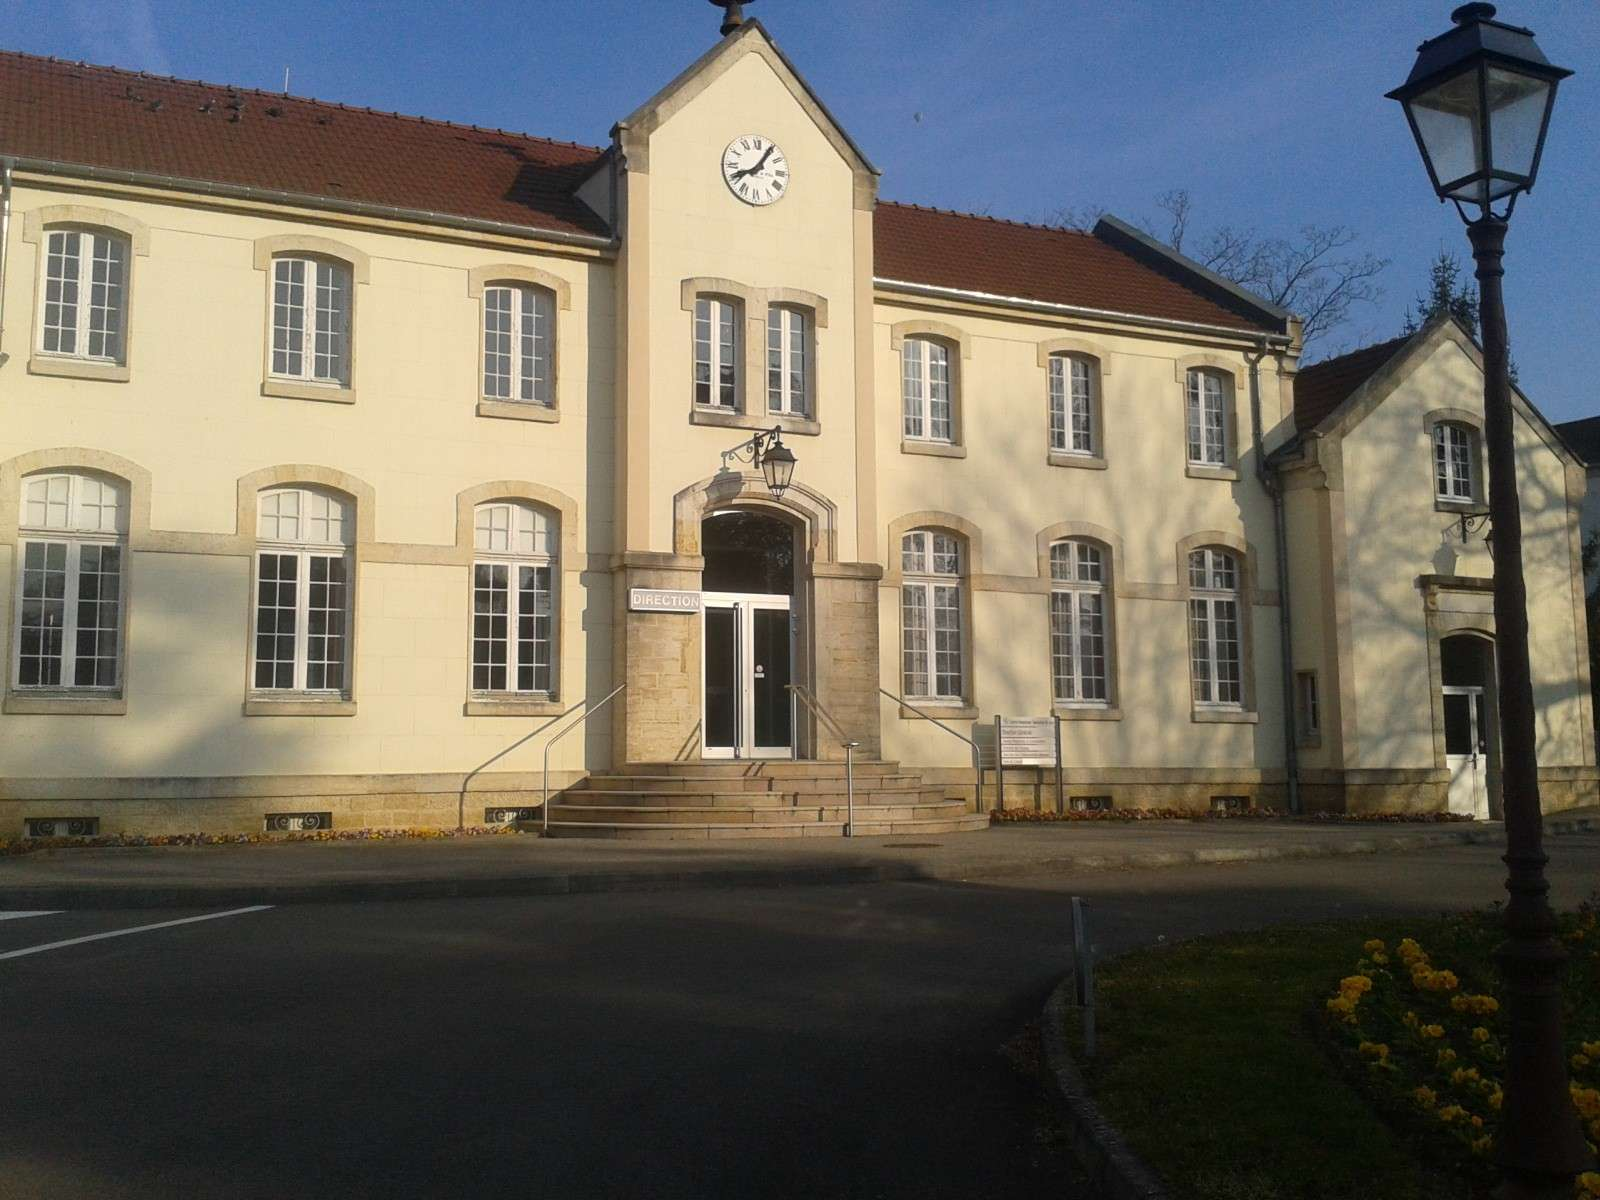 CHS Hopital Psychiatrique Saint-Ylie de Dole 39 - Neptune